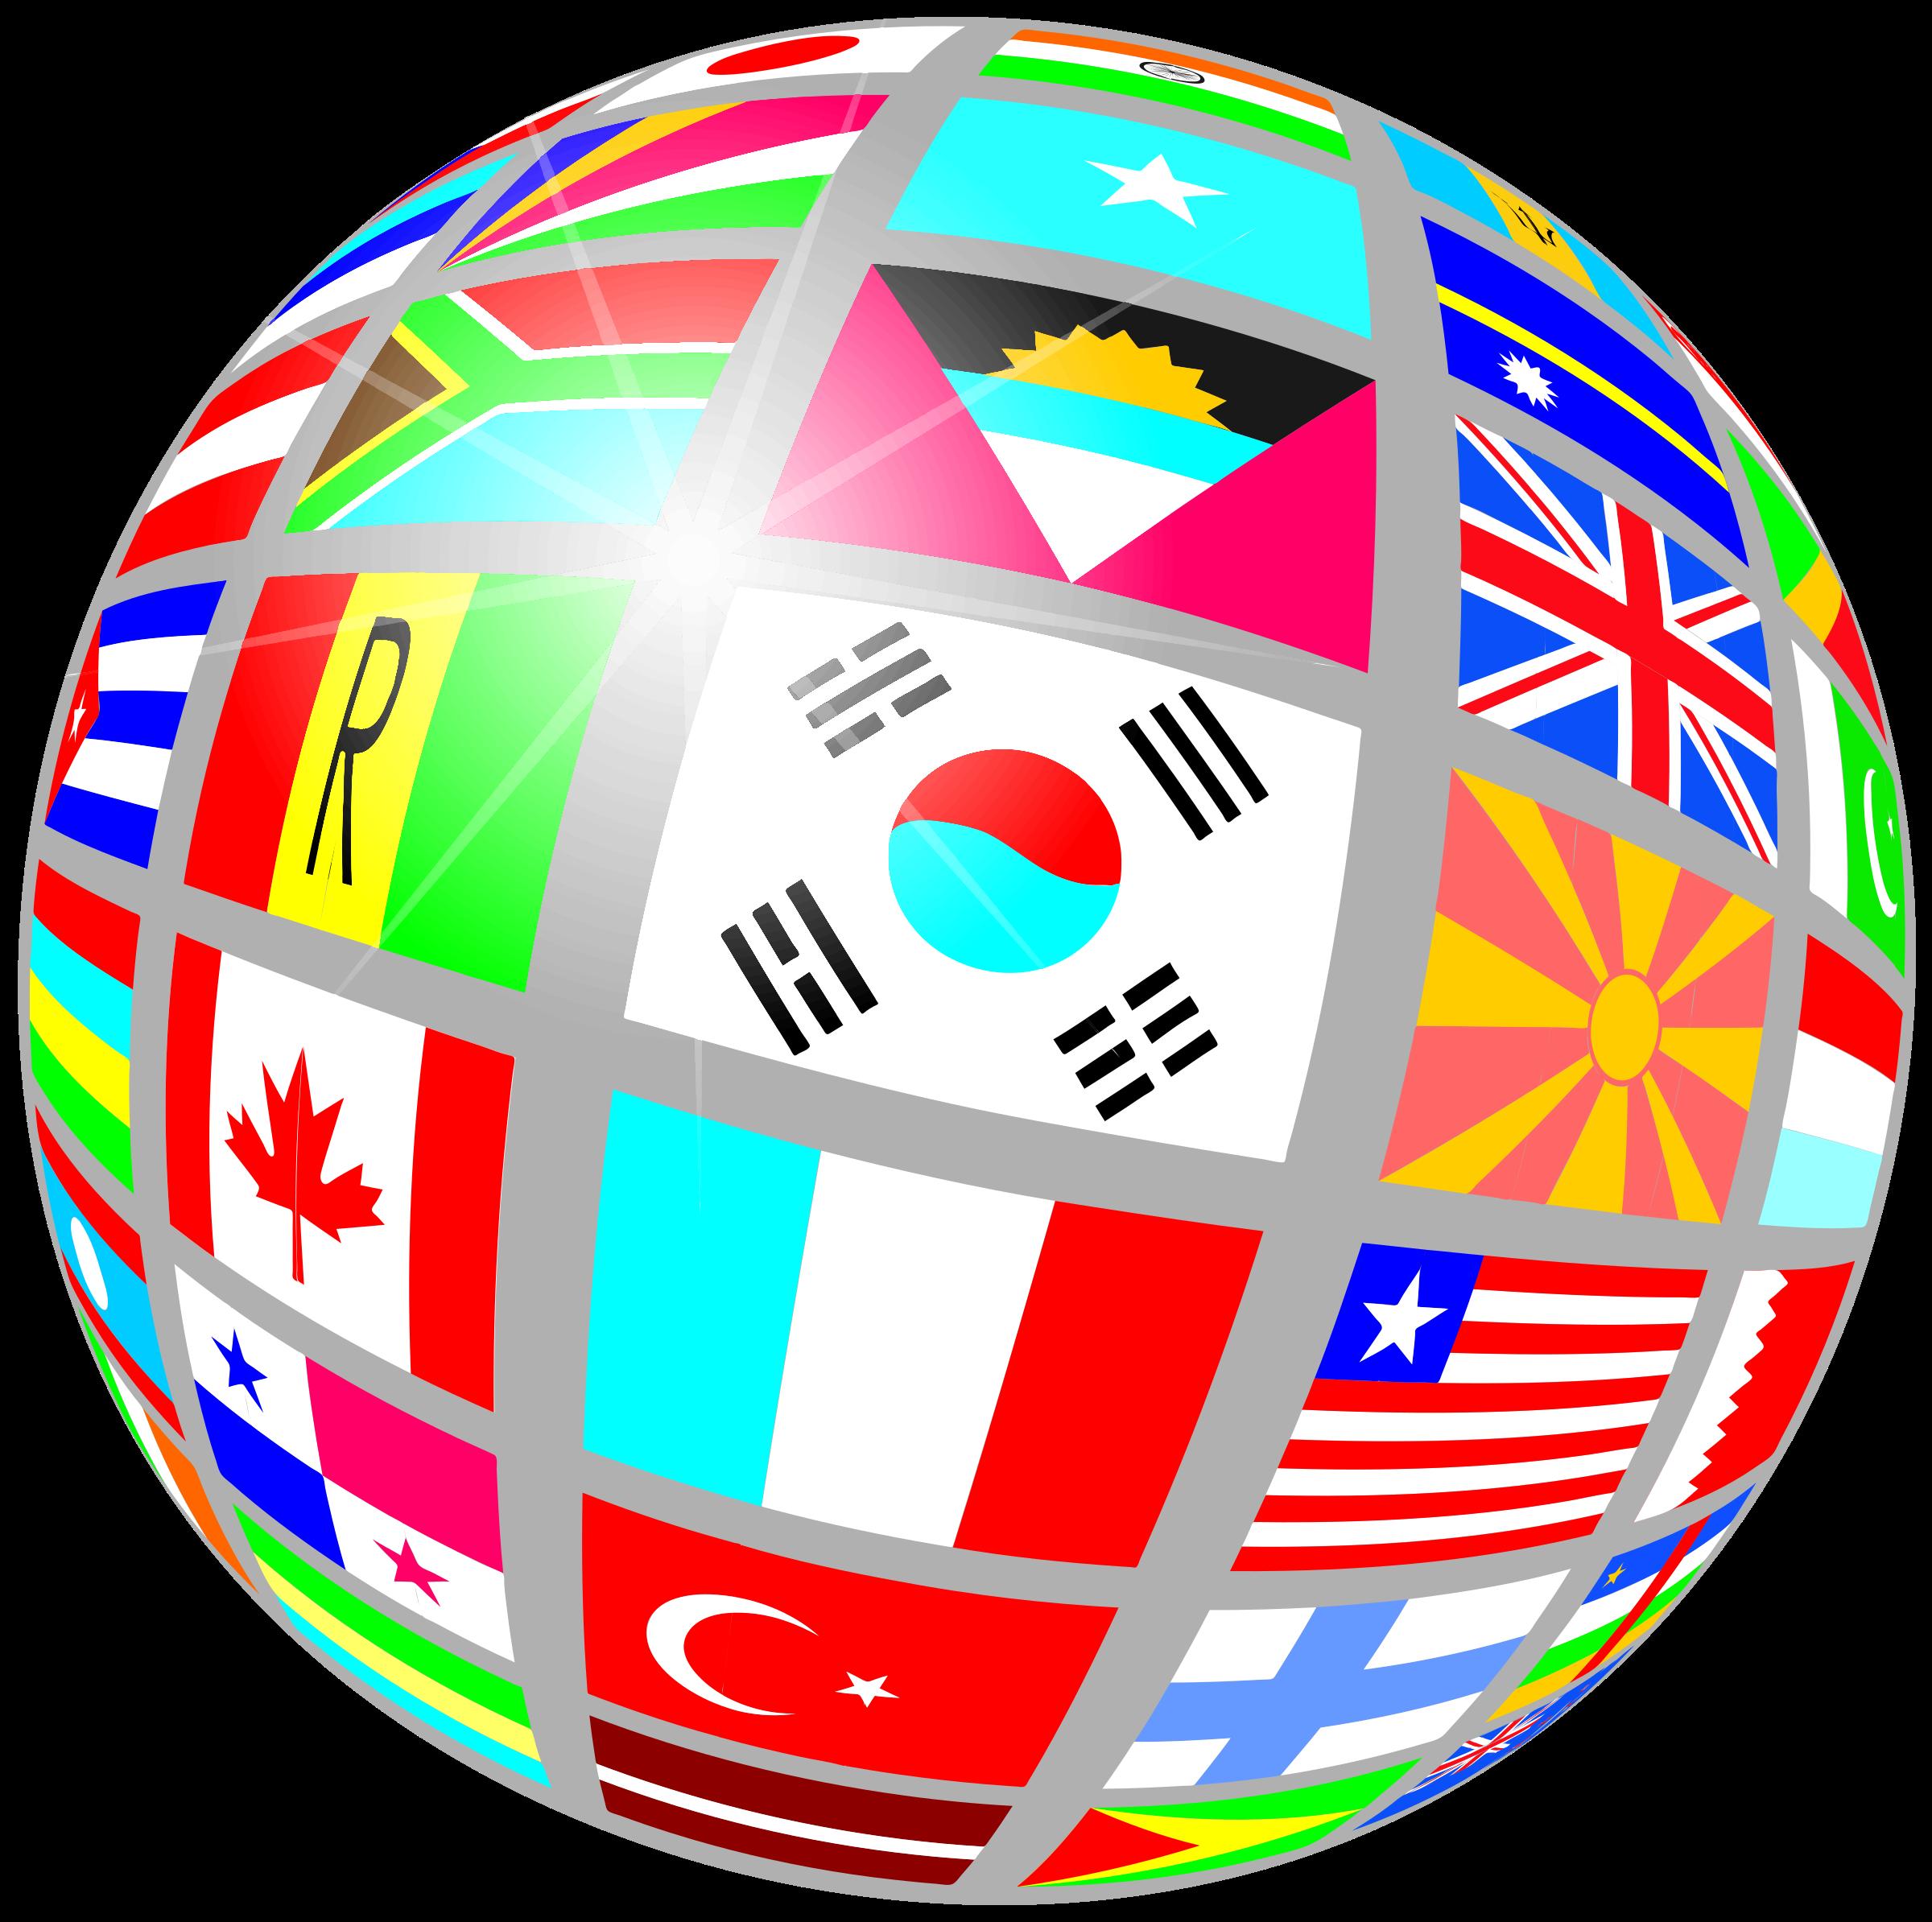 Of flags. Clipart globe globe world